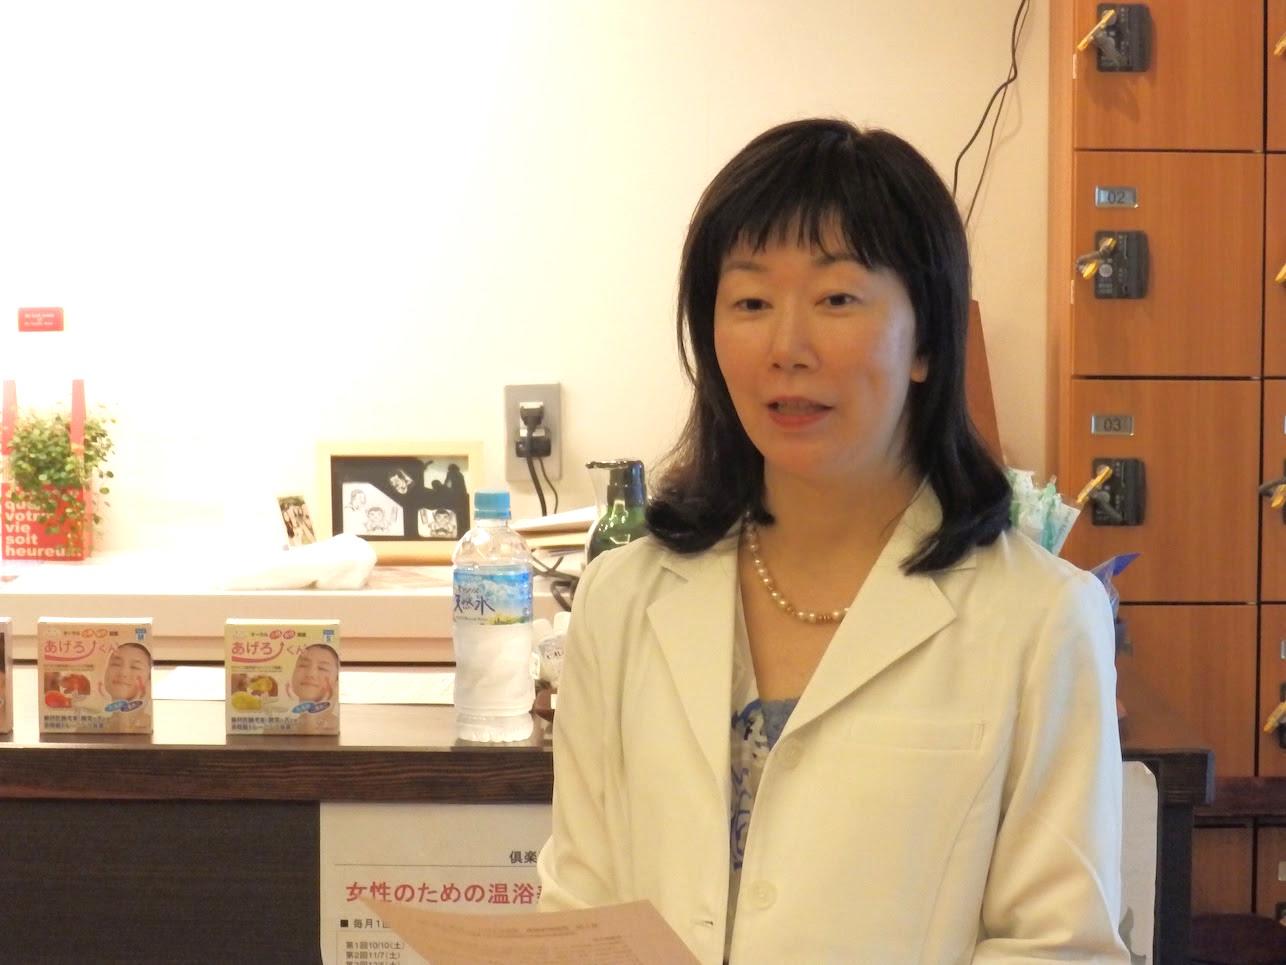 日暮里斉藤湯:第2回美容セミナー参加レポート(次回は12月6日)